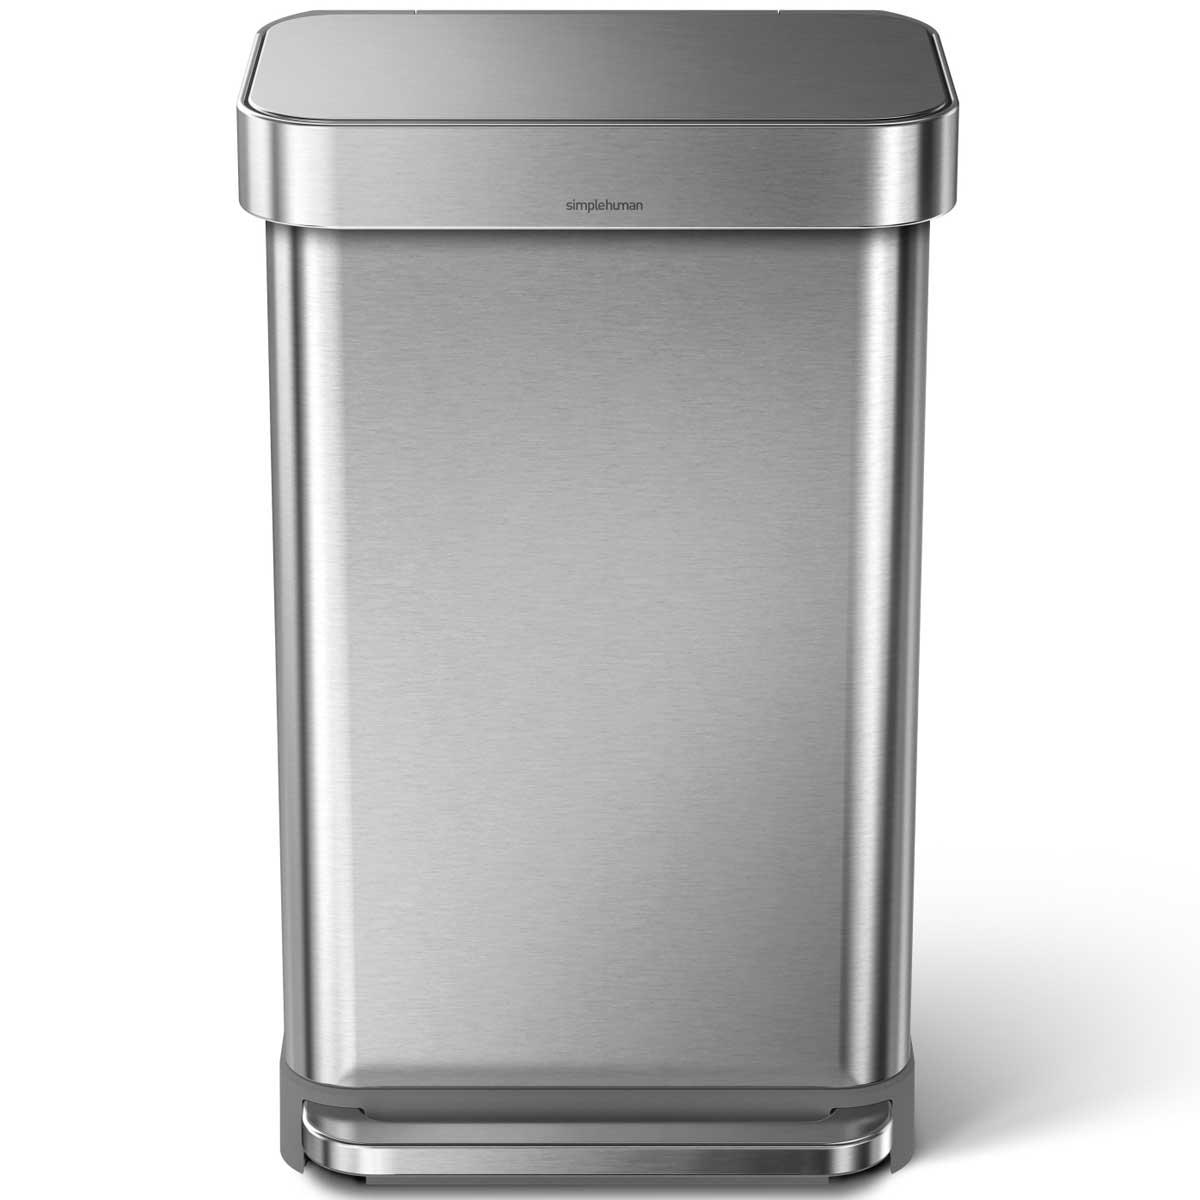 simplehuman ゴミ箱 レクタンギュラーステップカン 45L ふた付き ペダル ダストボックス ごみ箱 シンプルヒューマン 正規品 メーカー保証付き 角型ゴミ箱 45リットル CW2024 ステンレスシルバー